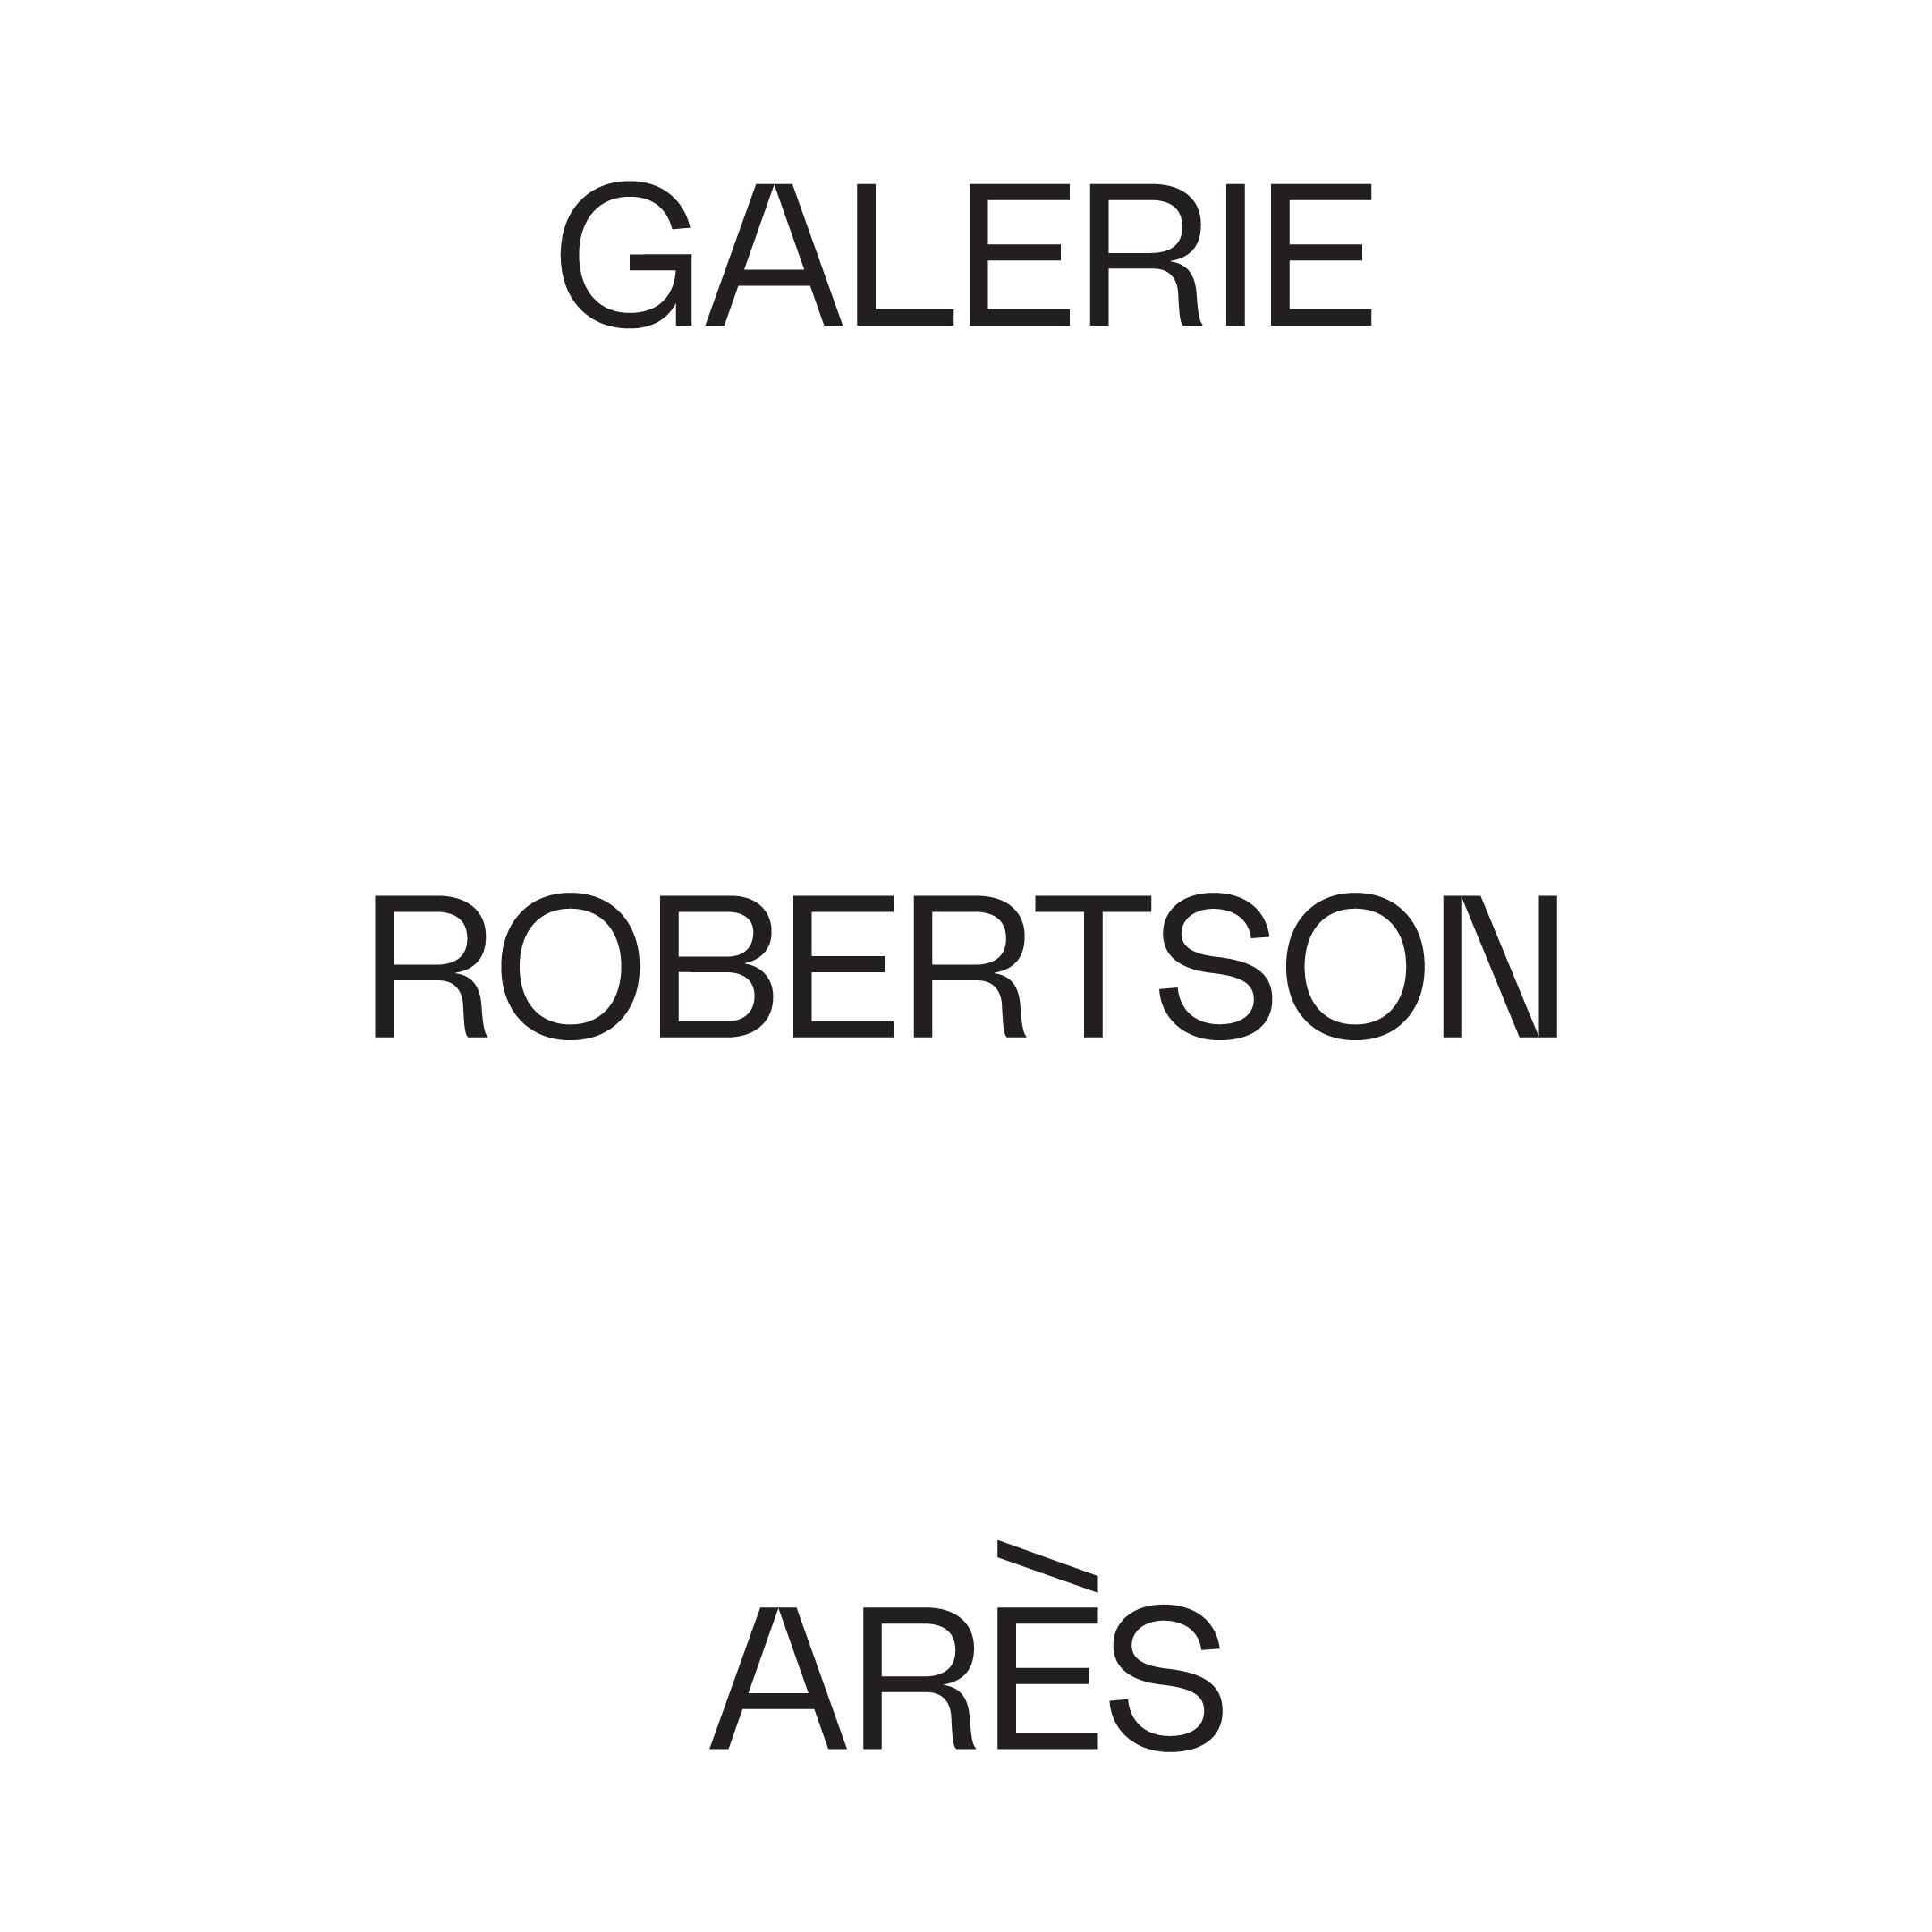 Galerie Robertson Arès